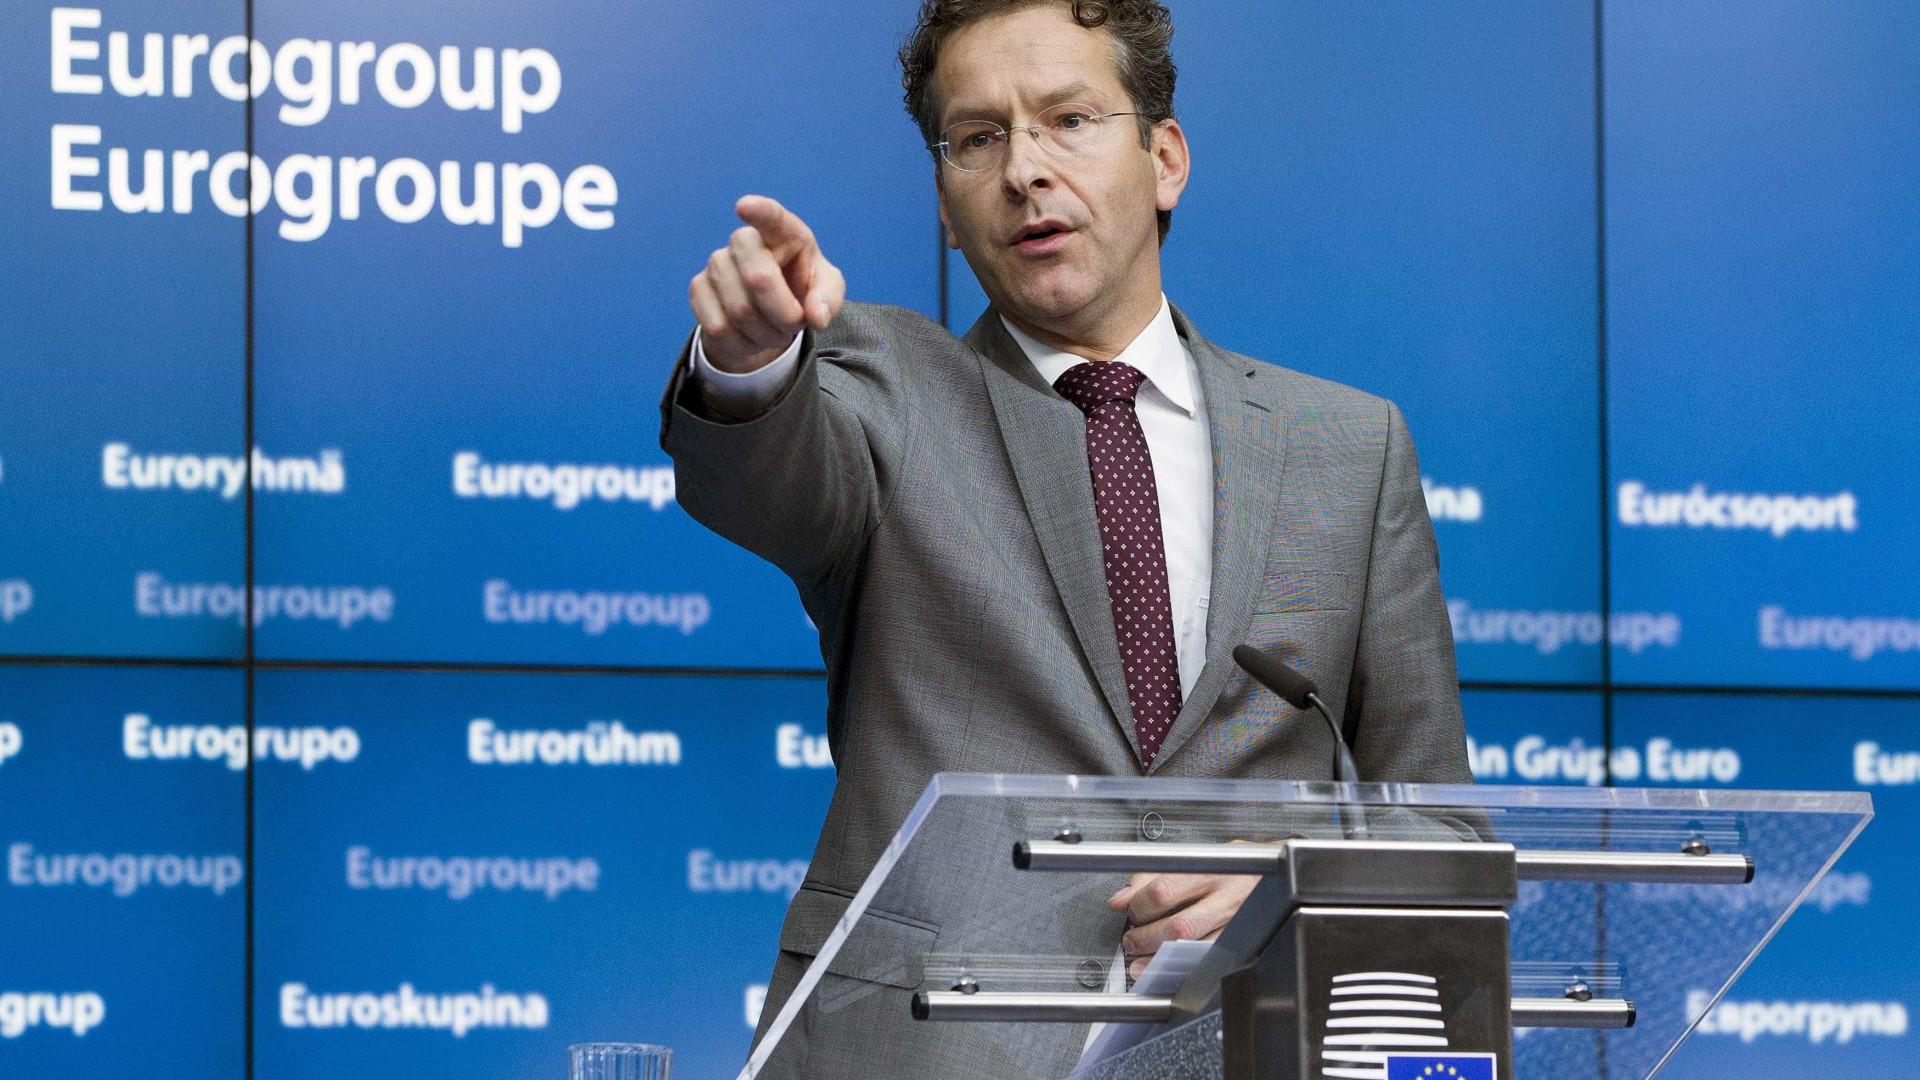 Brexit: Dijsselbloem recusa Londres como centro financeiro da zona euro